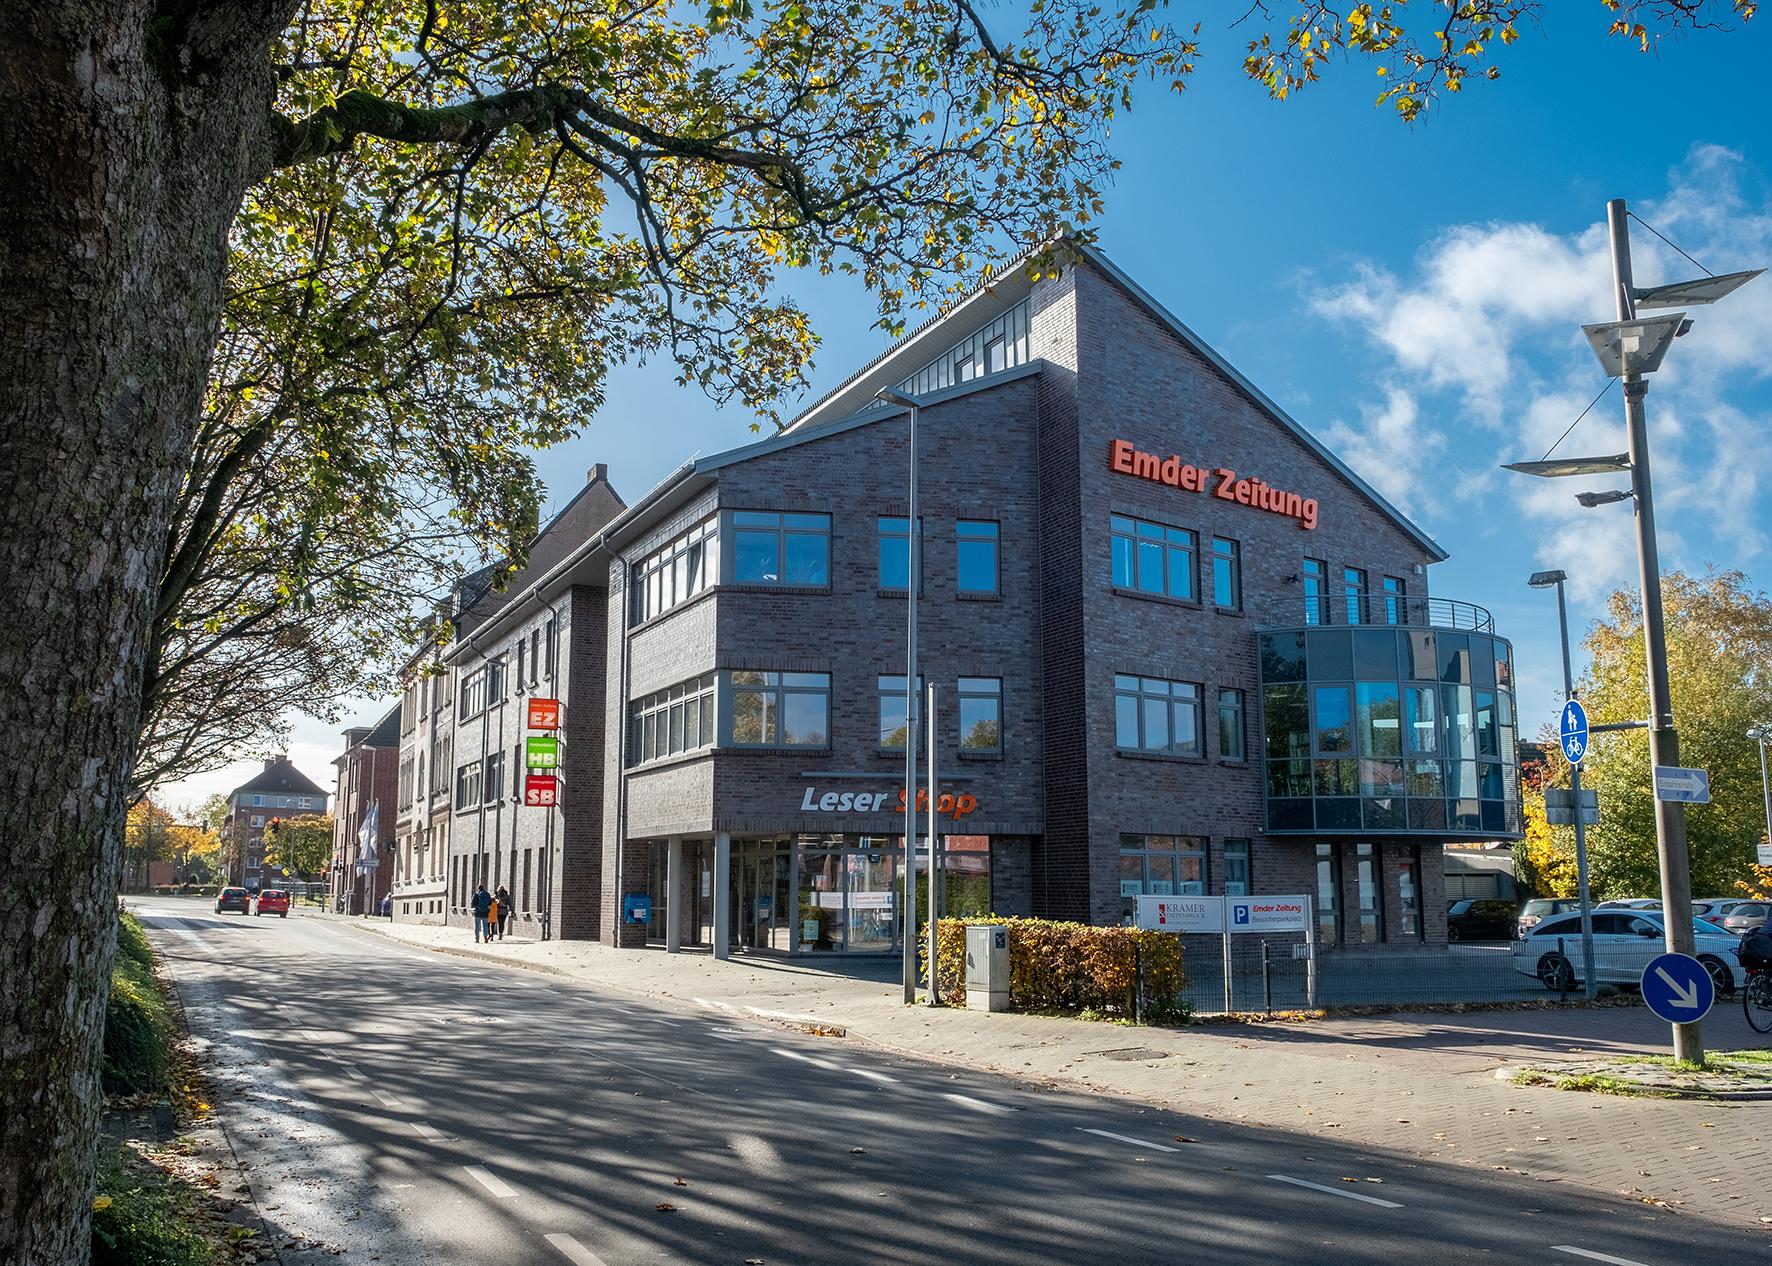 Emder Zeitung Gebäude EZ Verlag.jpg – Emder Zeitung GmbH & Co. KG